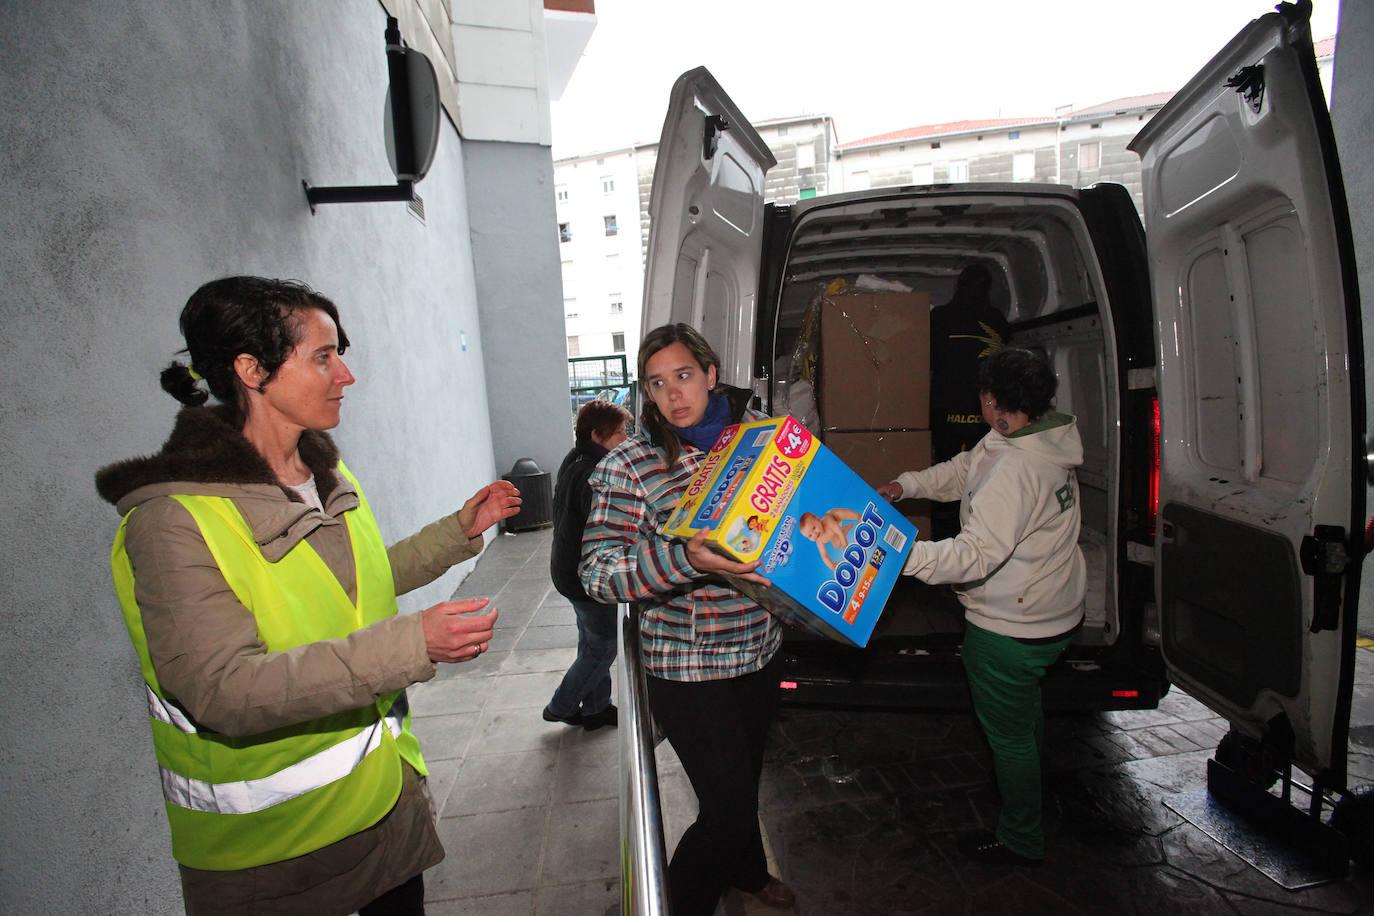 Kate Sarea de Bermeo echa el cierre tras facilitar comida y ropa a los necesitados durante 9 años